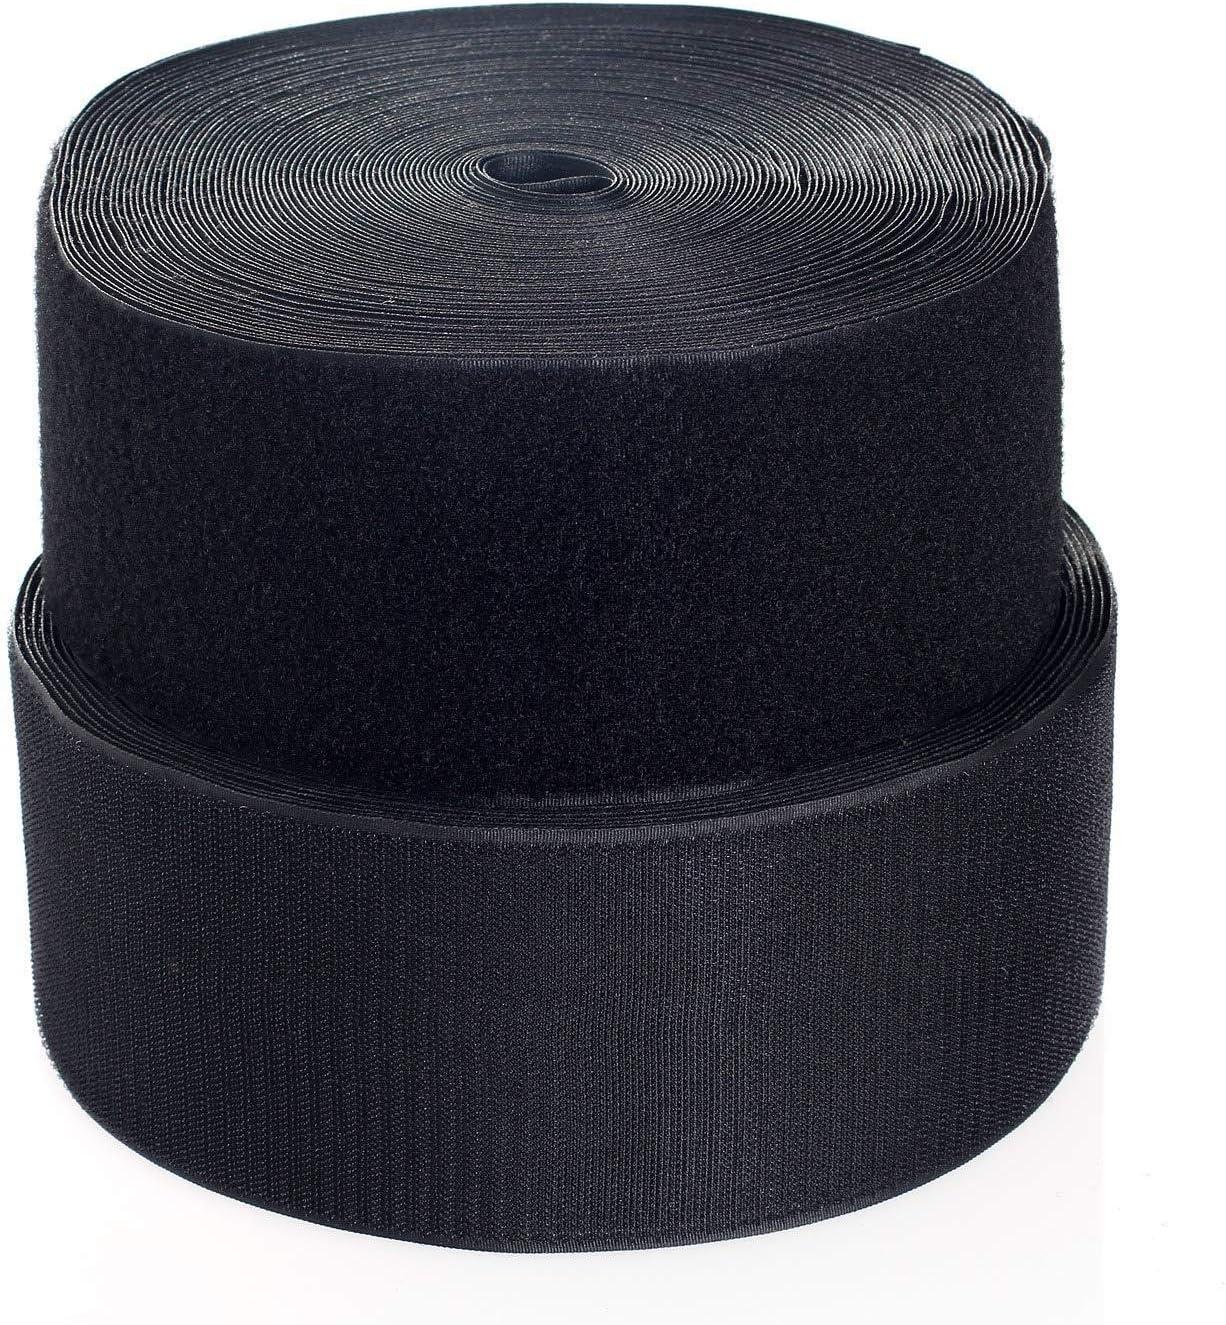 de vuelta sin adhesivo 16MMX1M blanco Cinta de Gancho y Bucle On Shelf/® Hook y Loop Bandas para coser no autoadhesivas